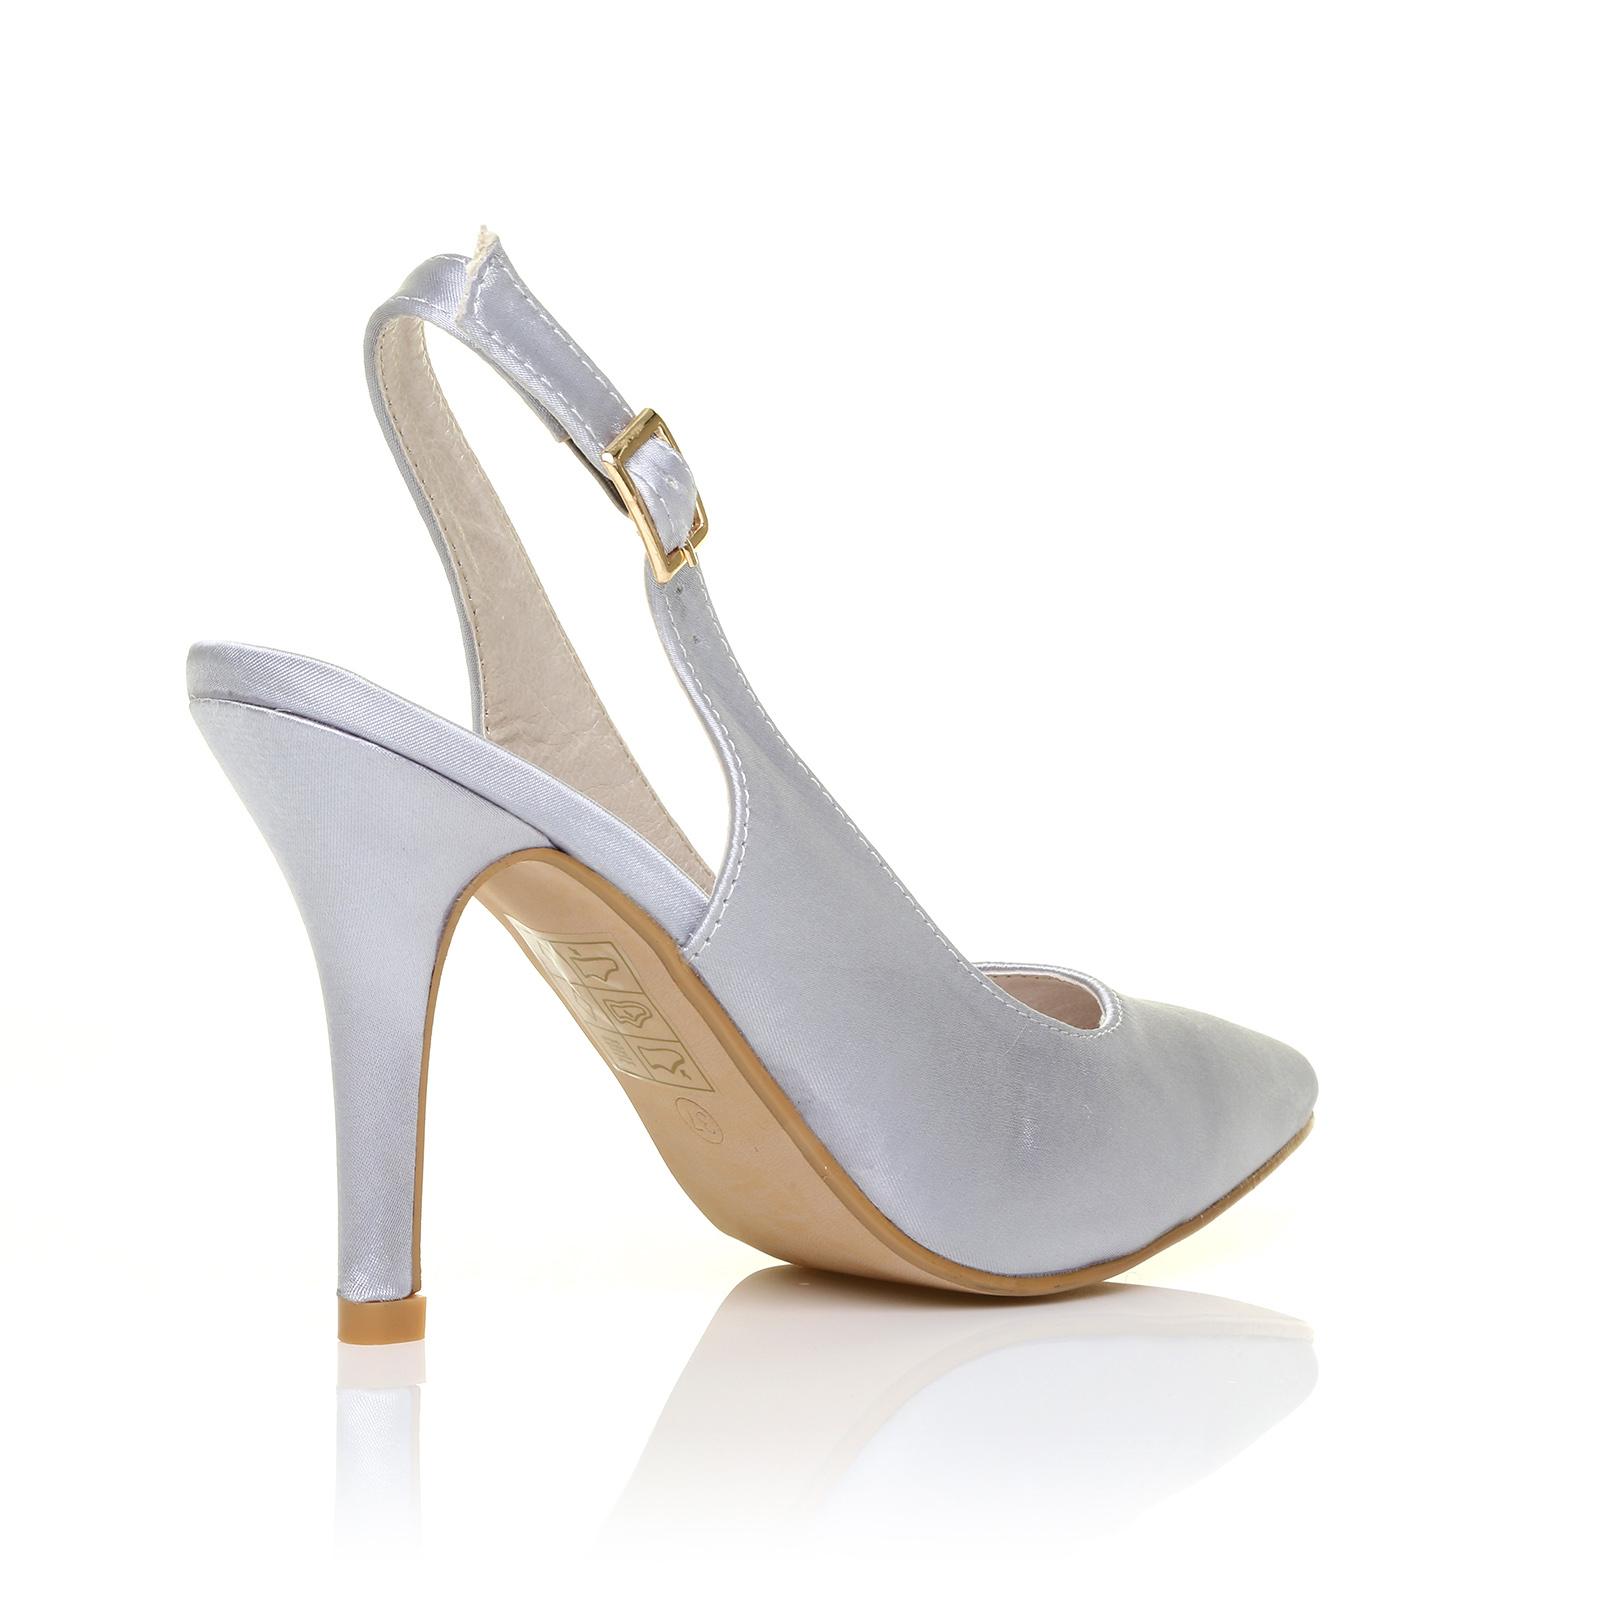 07e21083ade Faith Silver Satin Stiletto High Heel Slingback Bridal Court Shoes ...